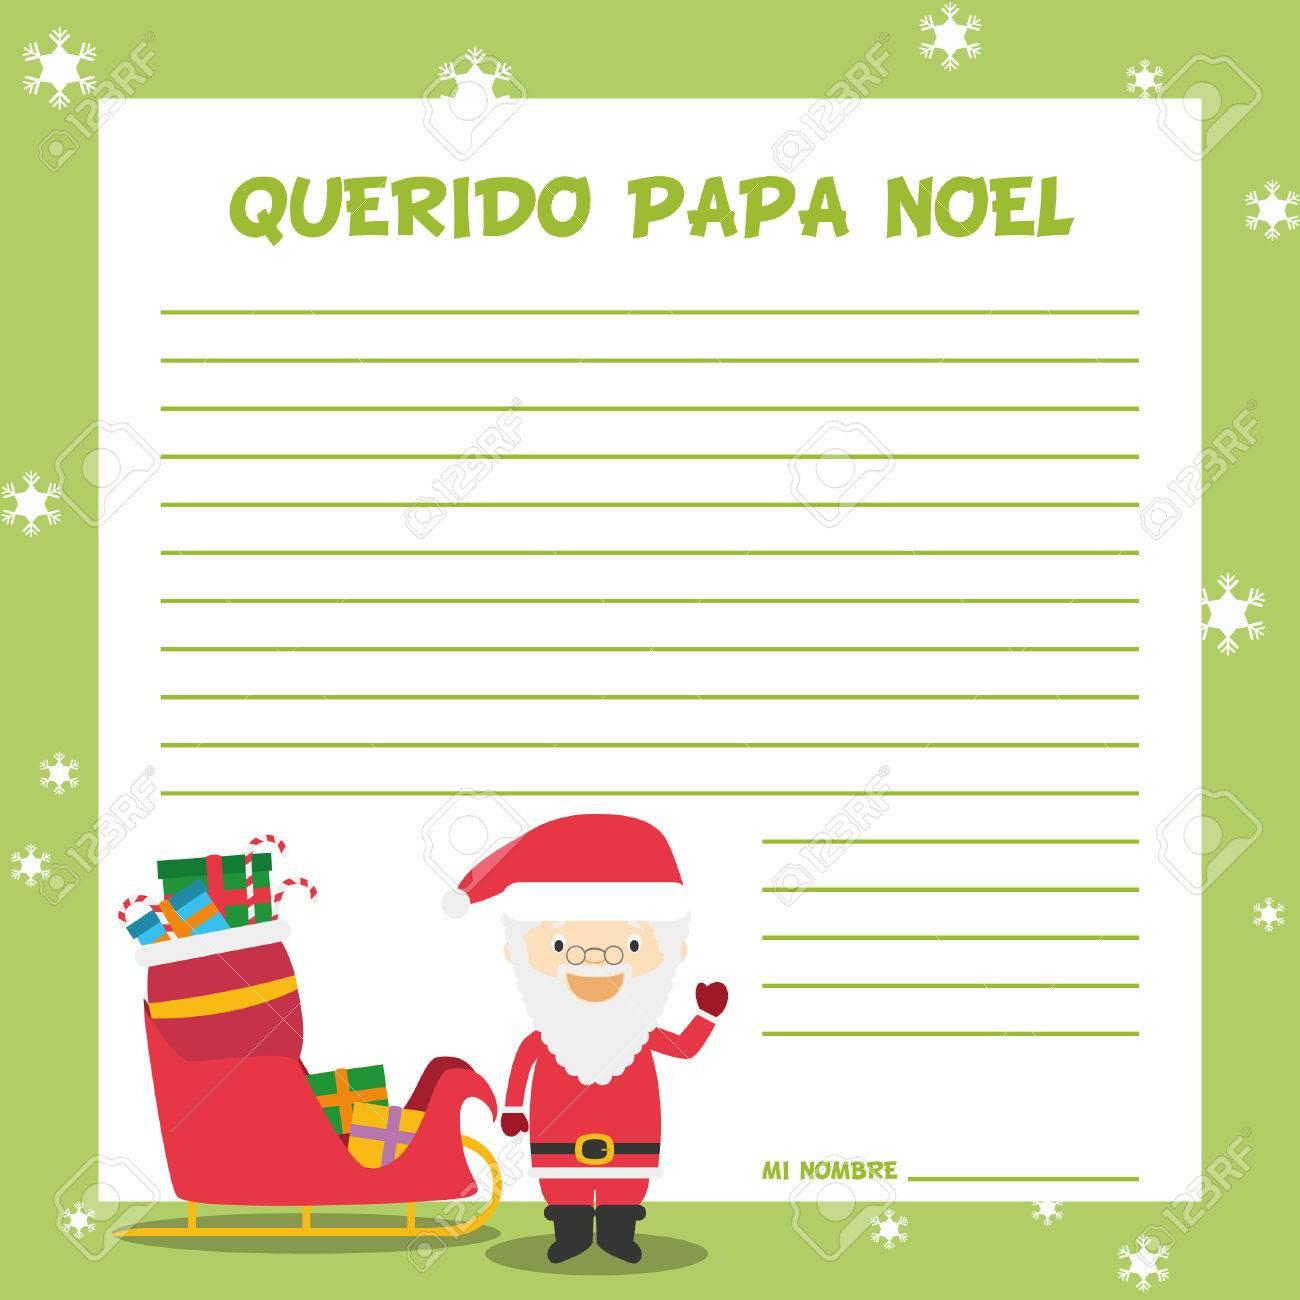 スペインのクリスマスの時期にサンタ クロース手紙テンプレート ベクトル